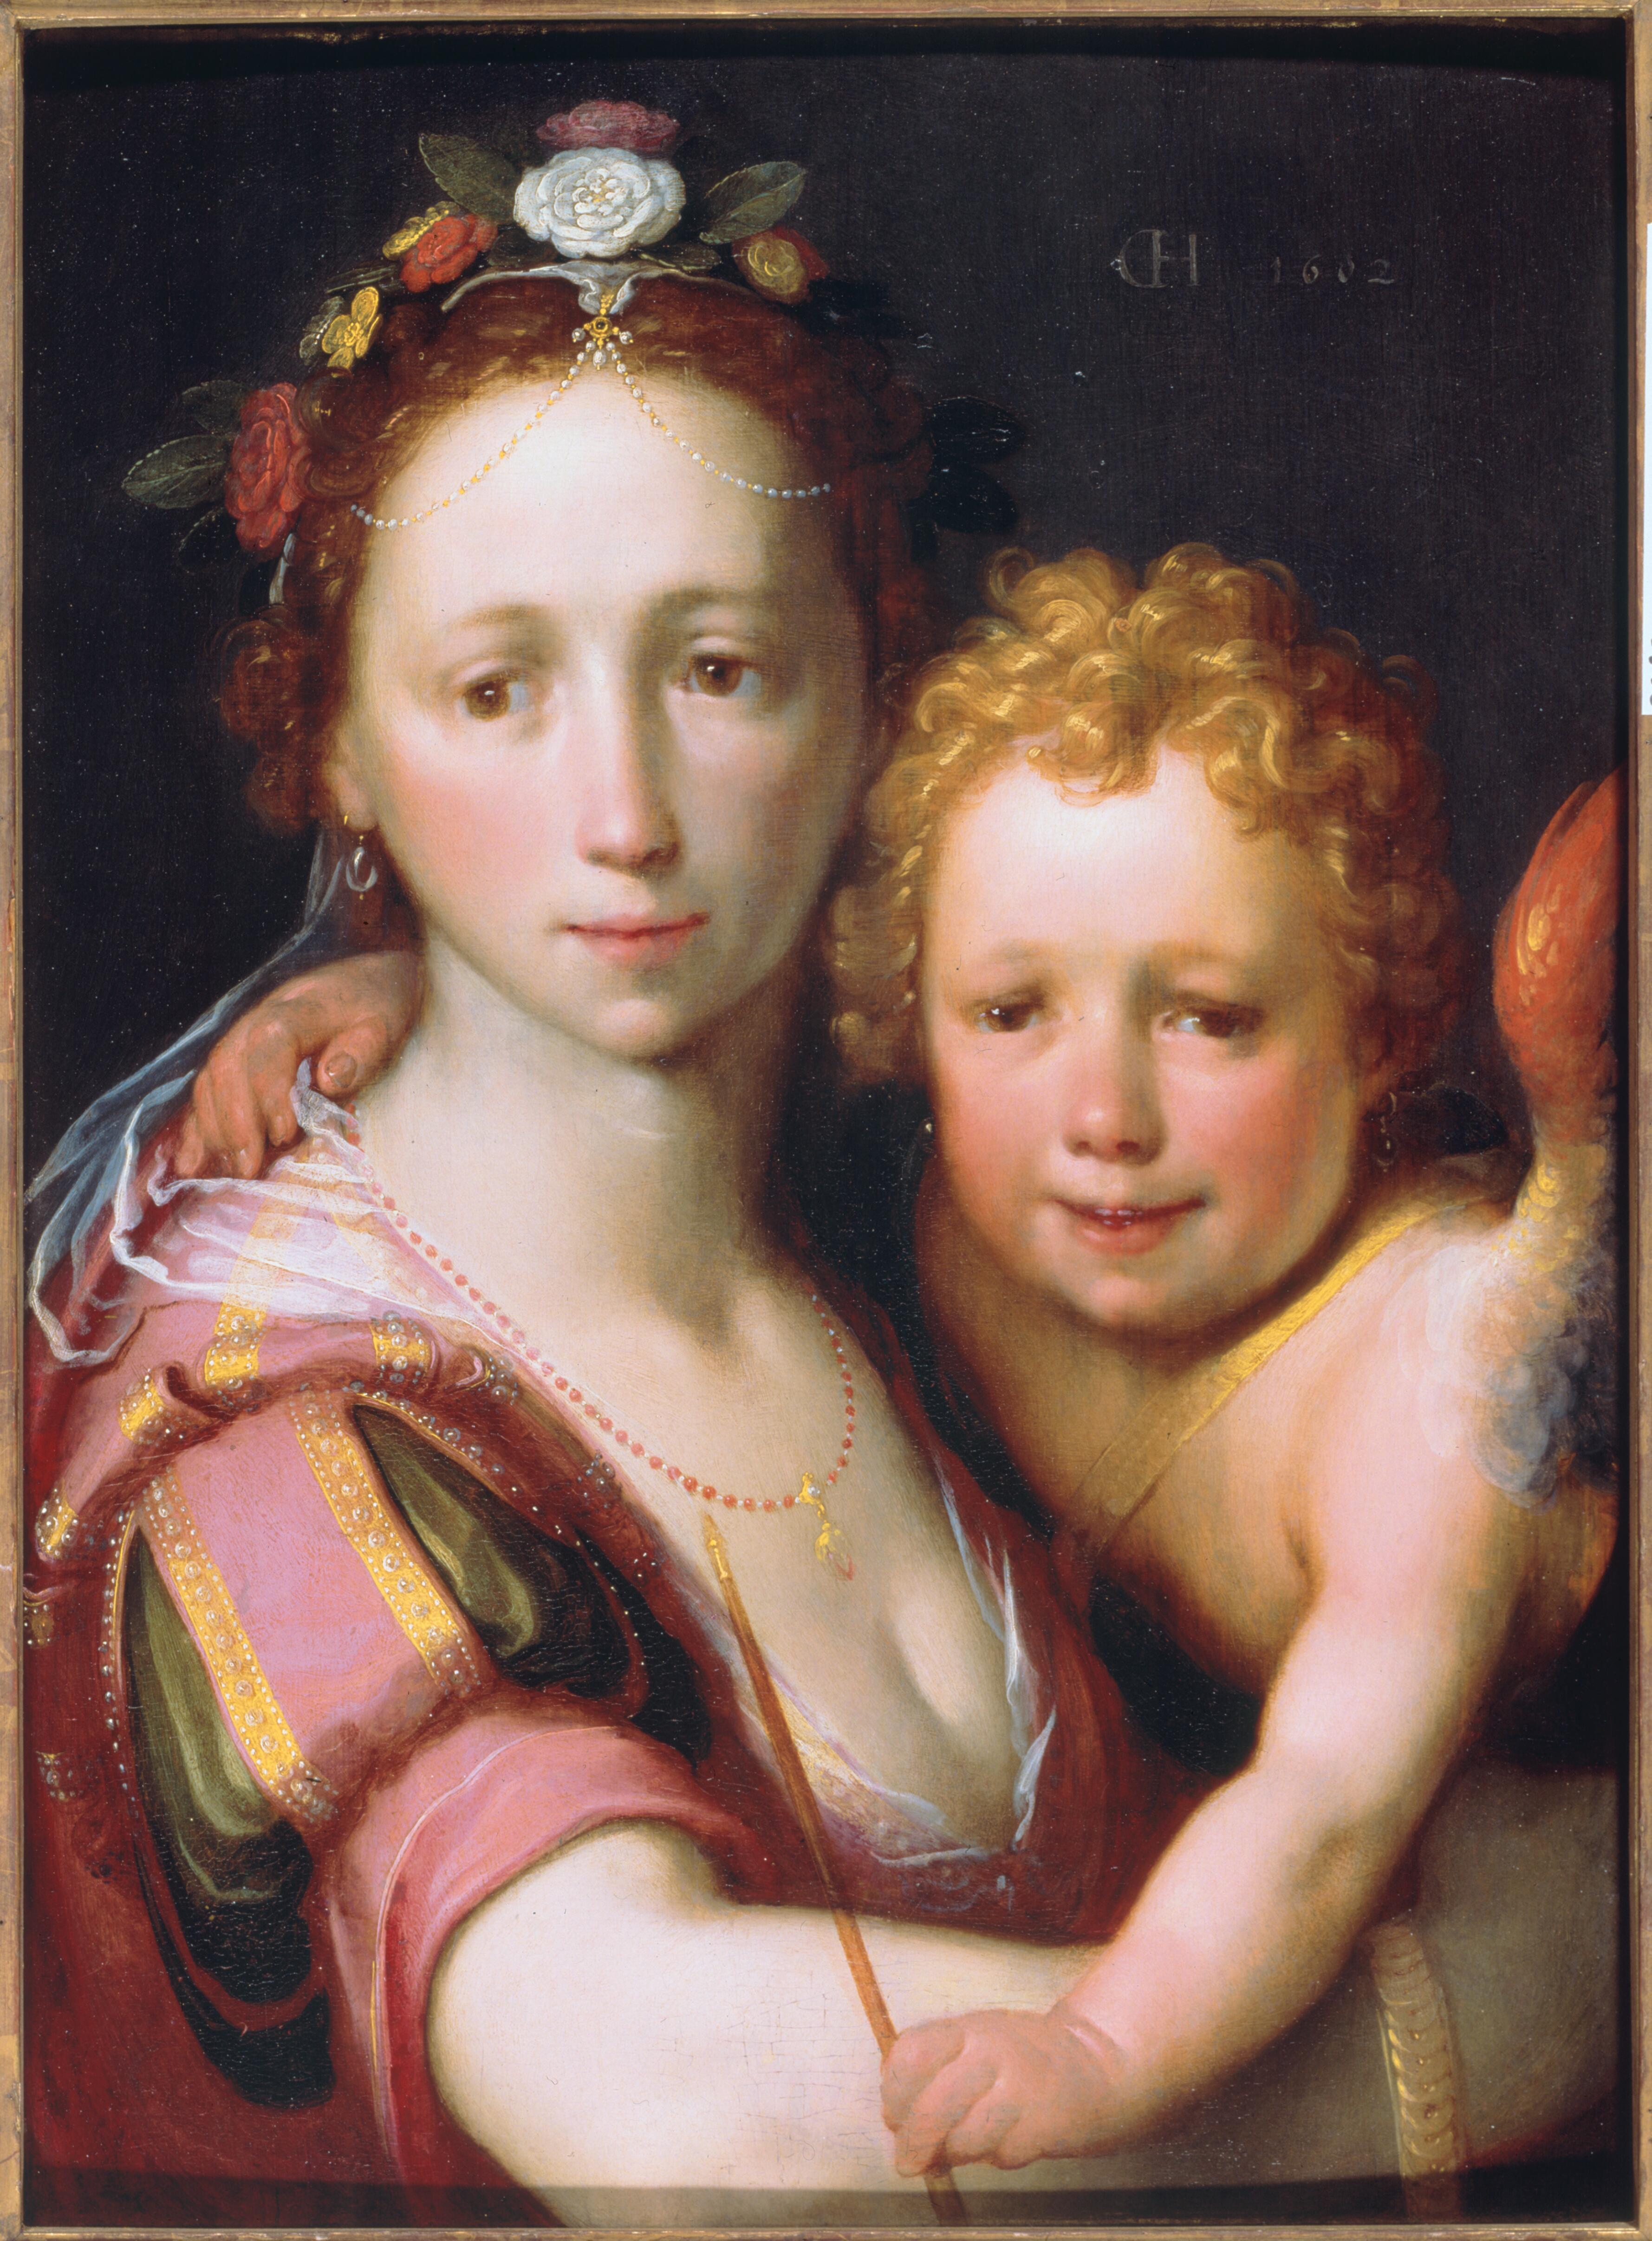 Venus_and_Cupid,_1602,_by_Cornelis_van_Haarlem_(1562-1638)